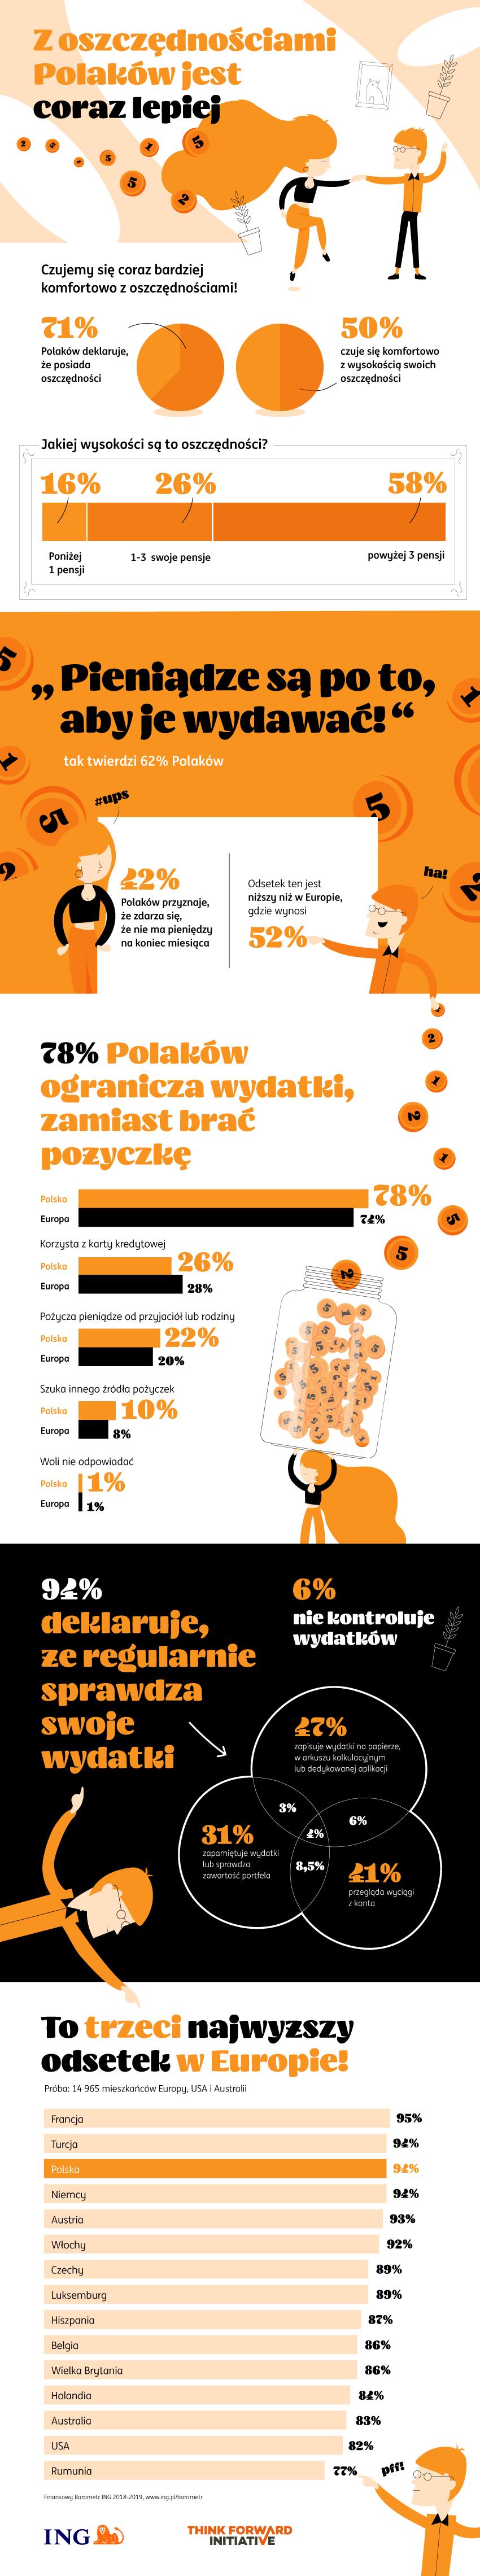 ING-infografika-Barometr-finansowy-2018-2019-02-25.png